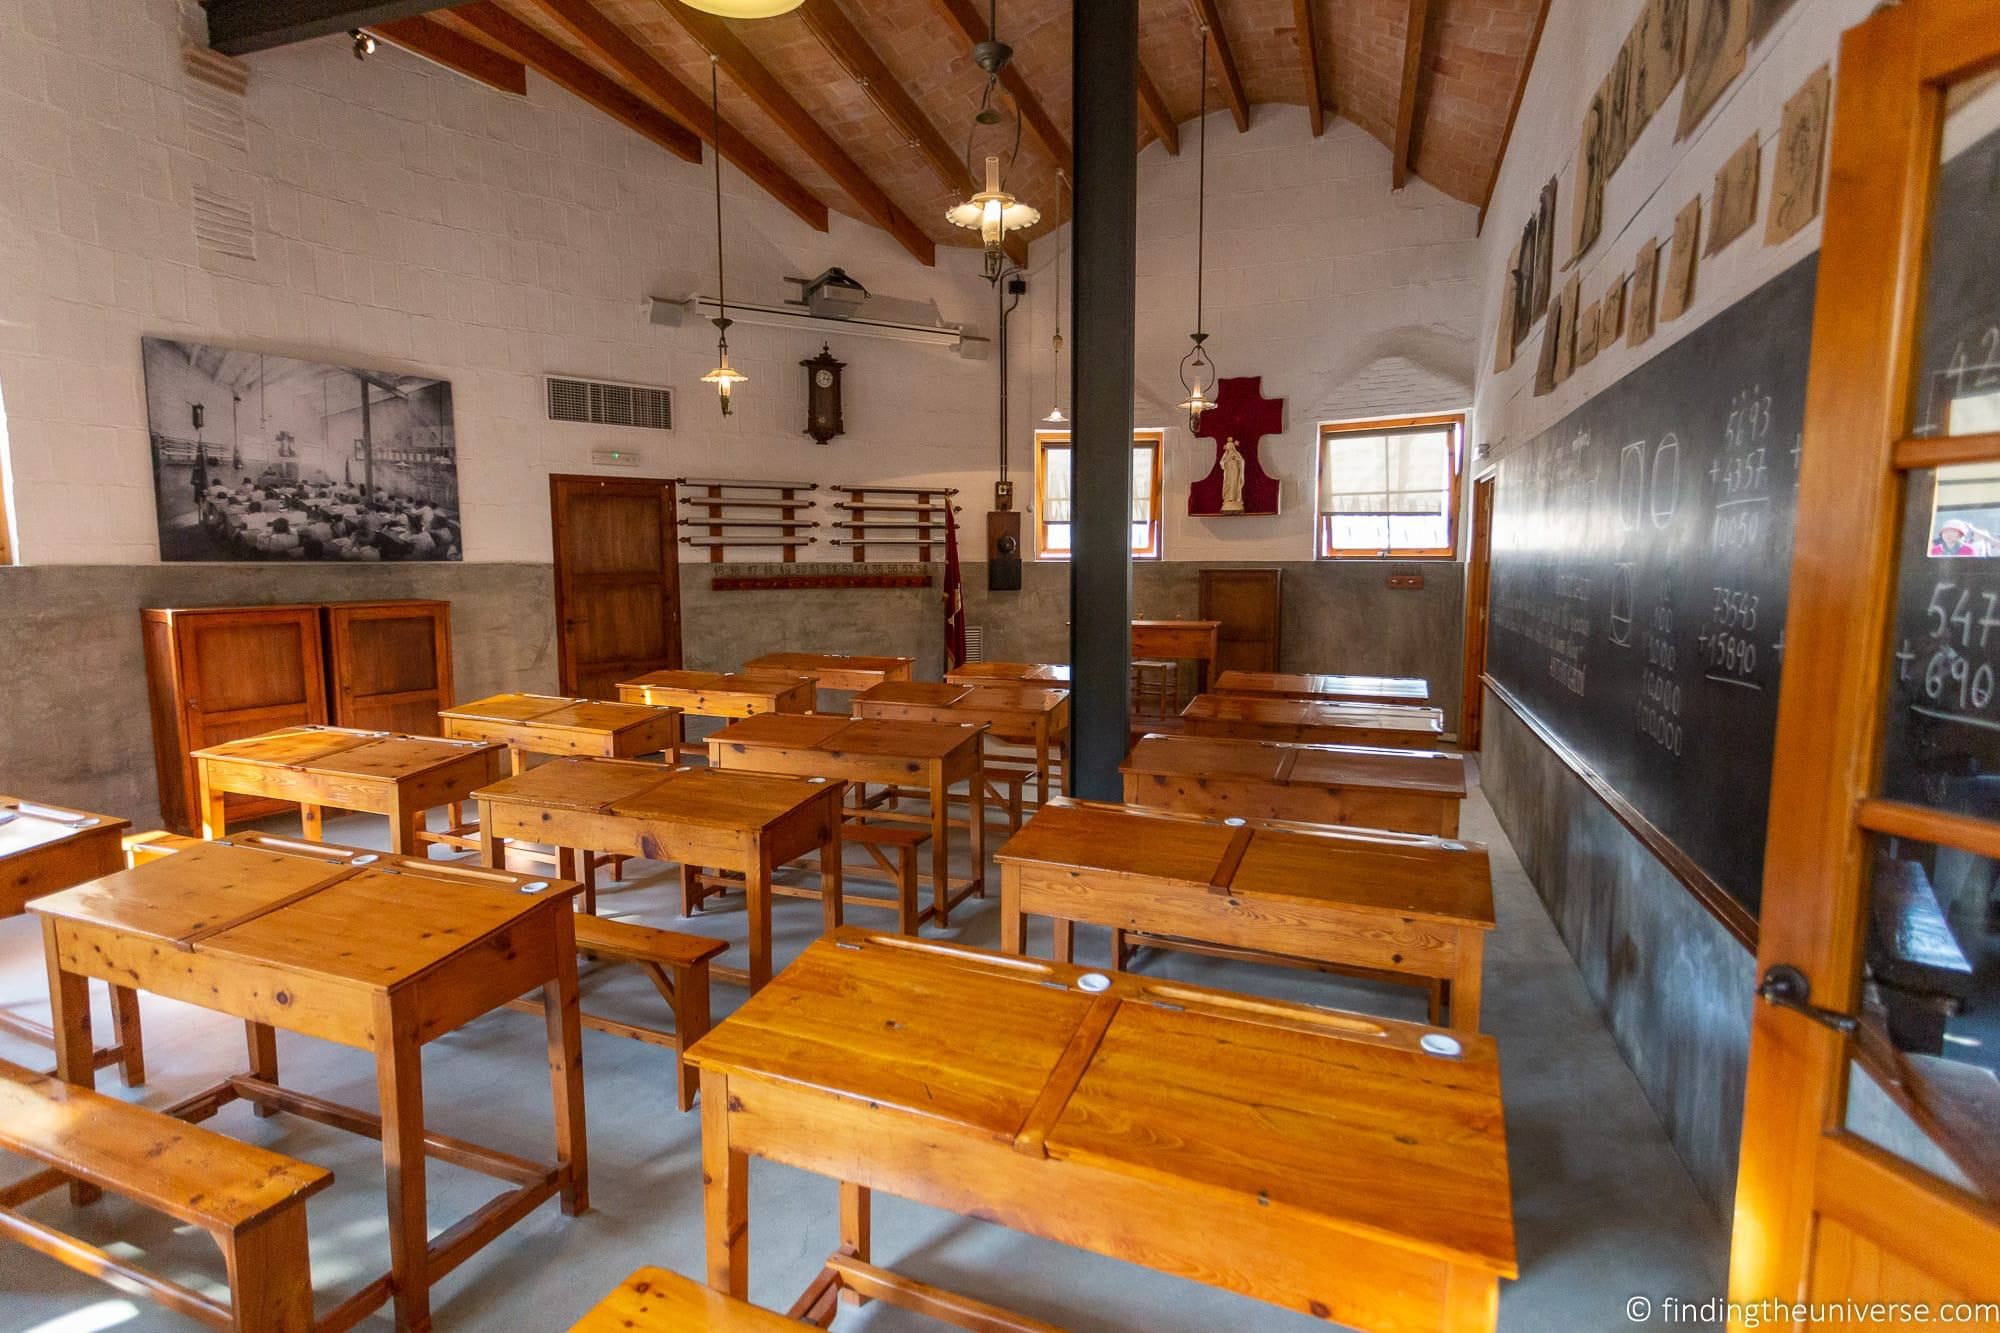 Sagrada Familia Schools